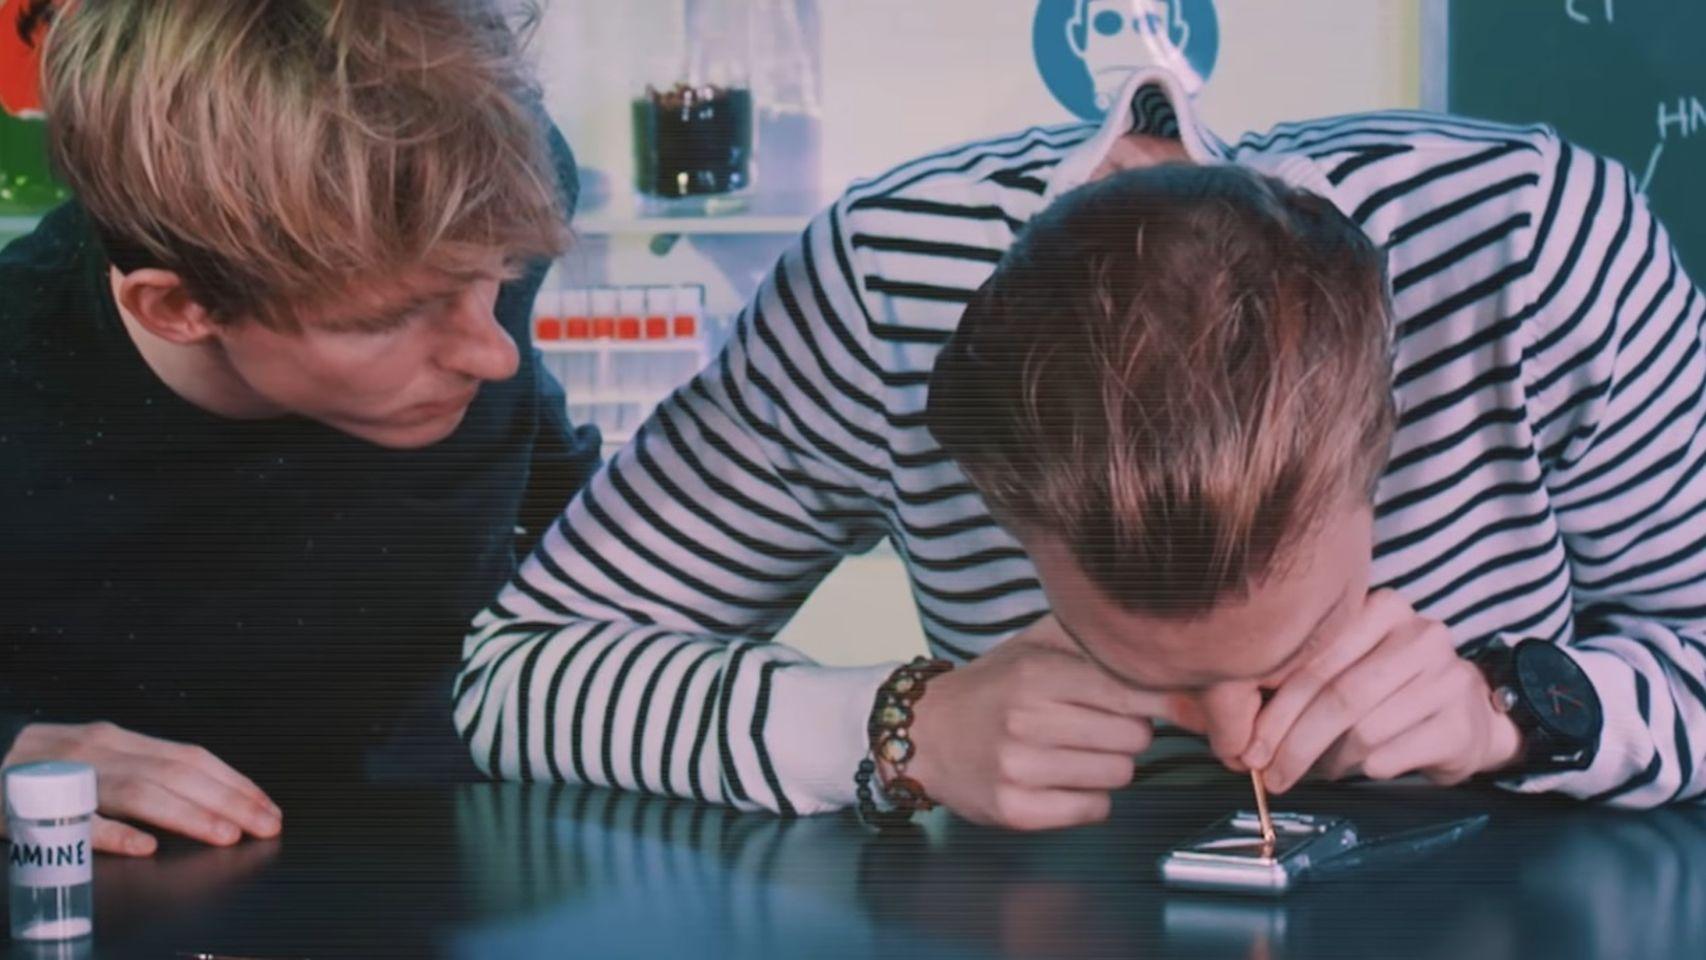 El gobierno holandés da droga a estos youtubers para que hagan vídeos